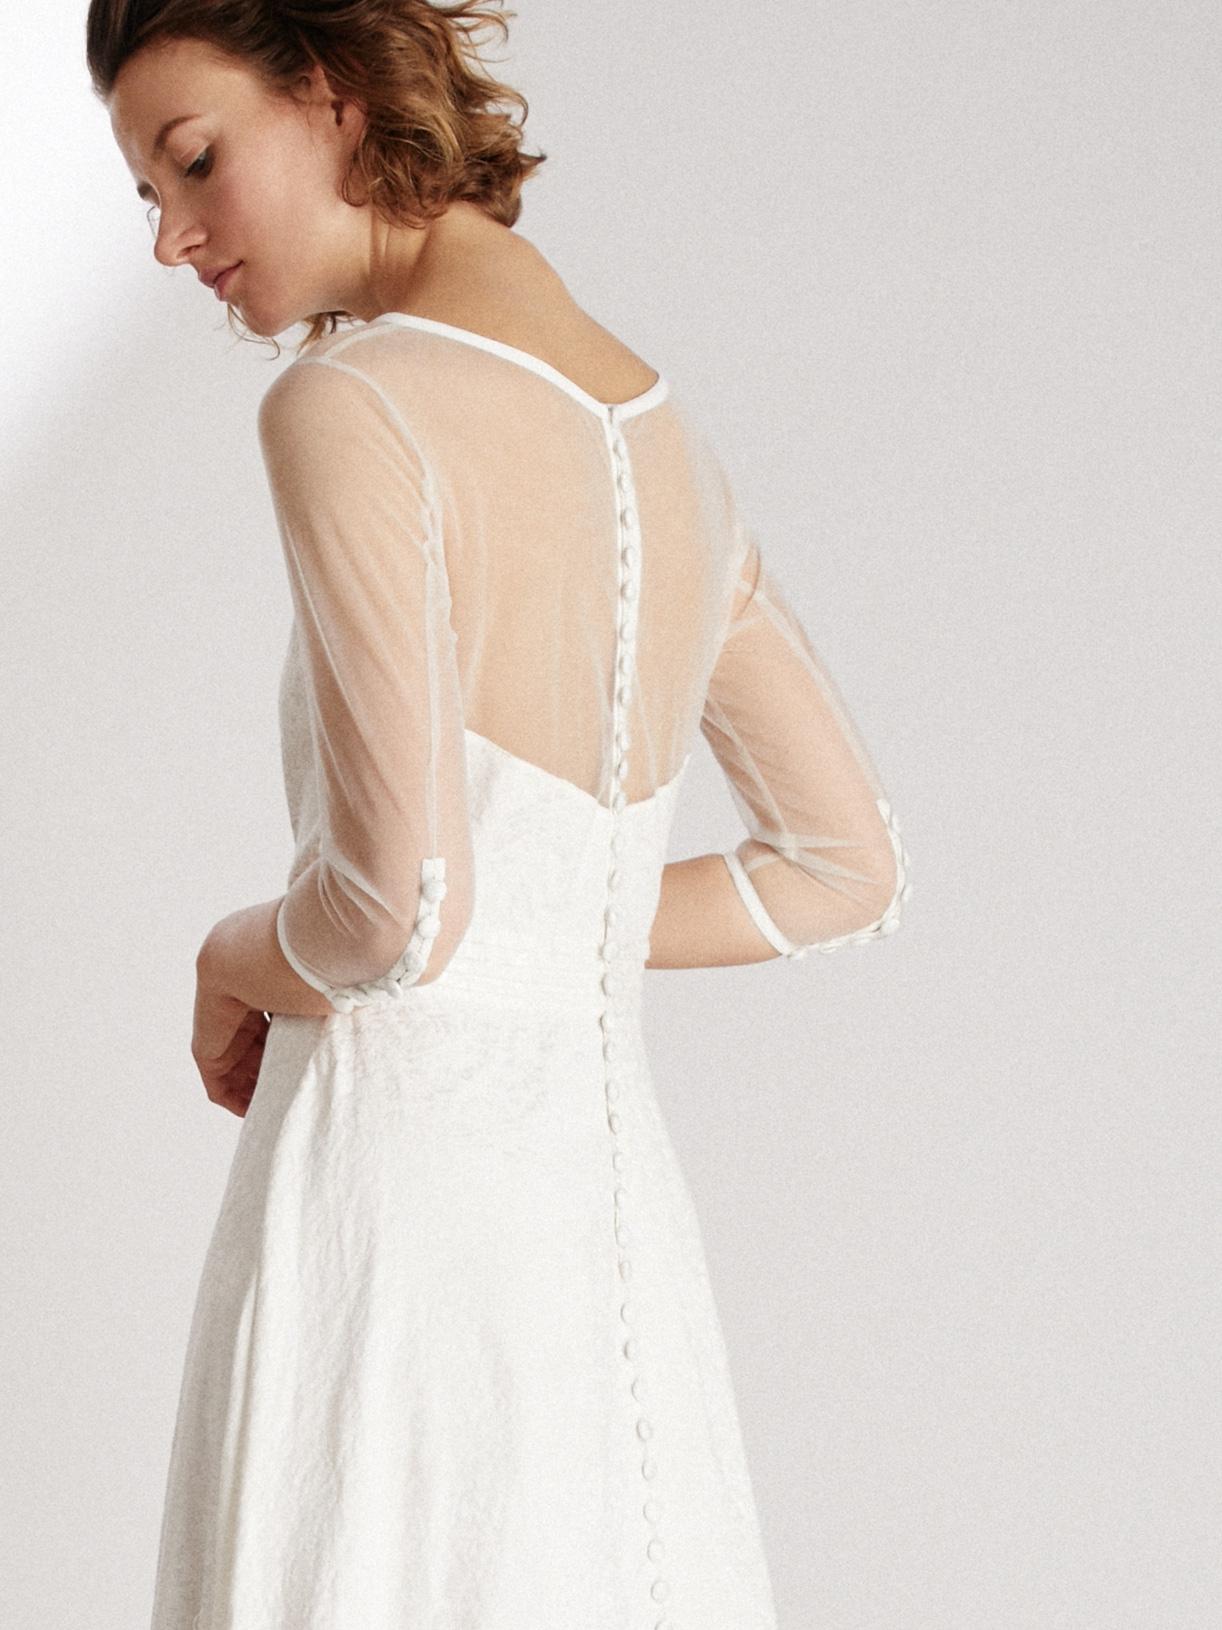 Robe de mariée hiver écoresponsable - Creatrice de robe de mariée éthique et bio a Paris - Myphilosophy